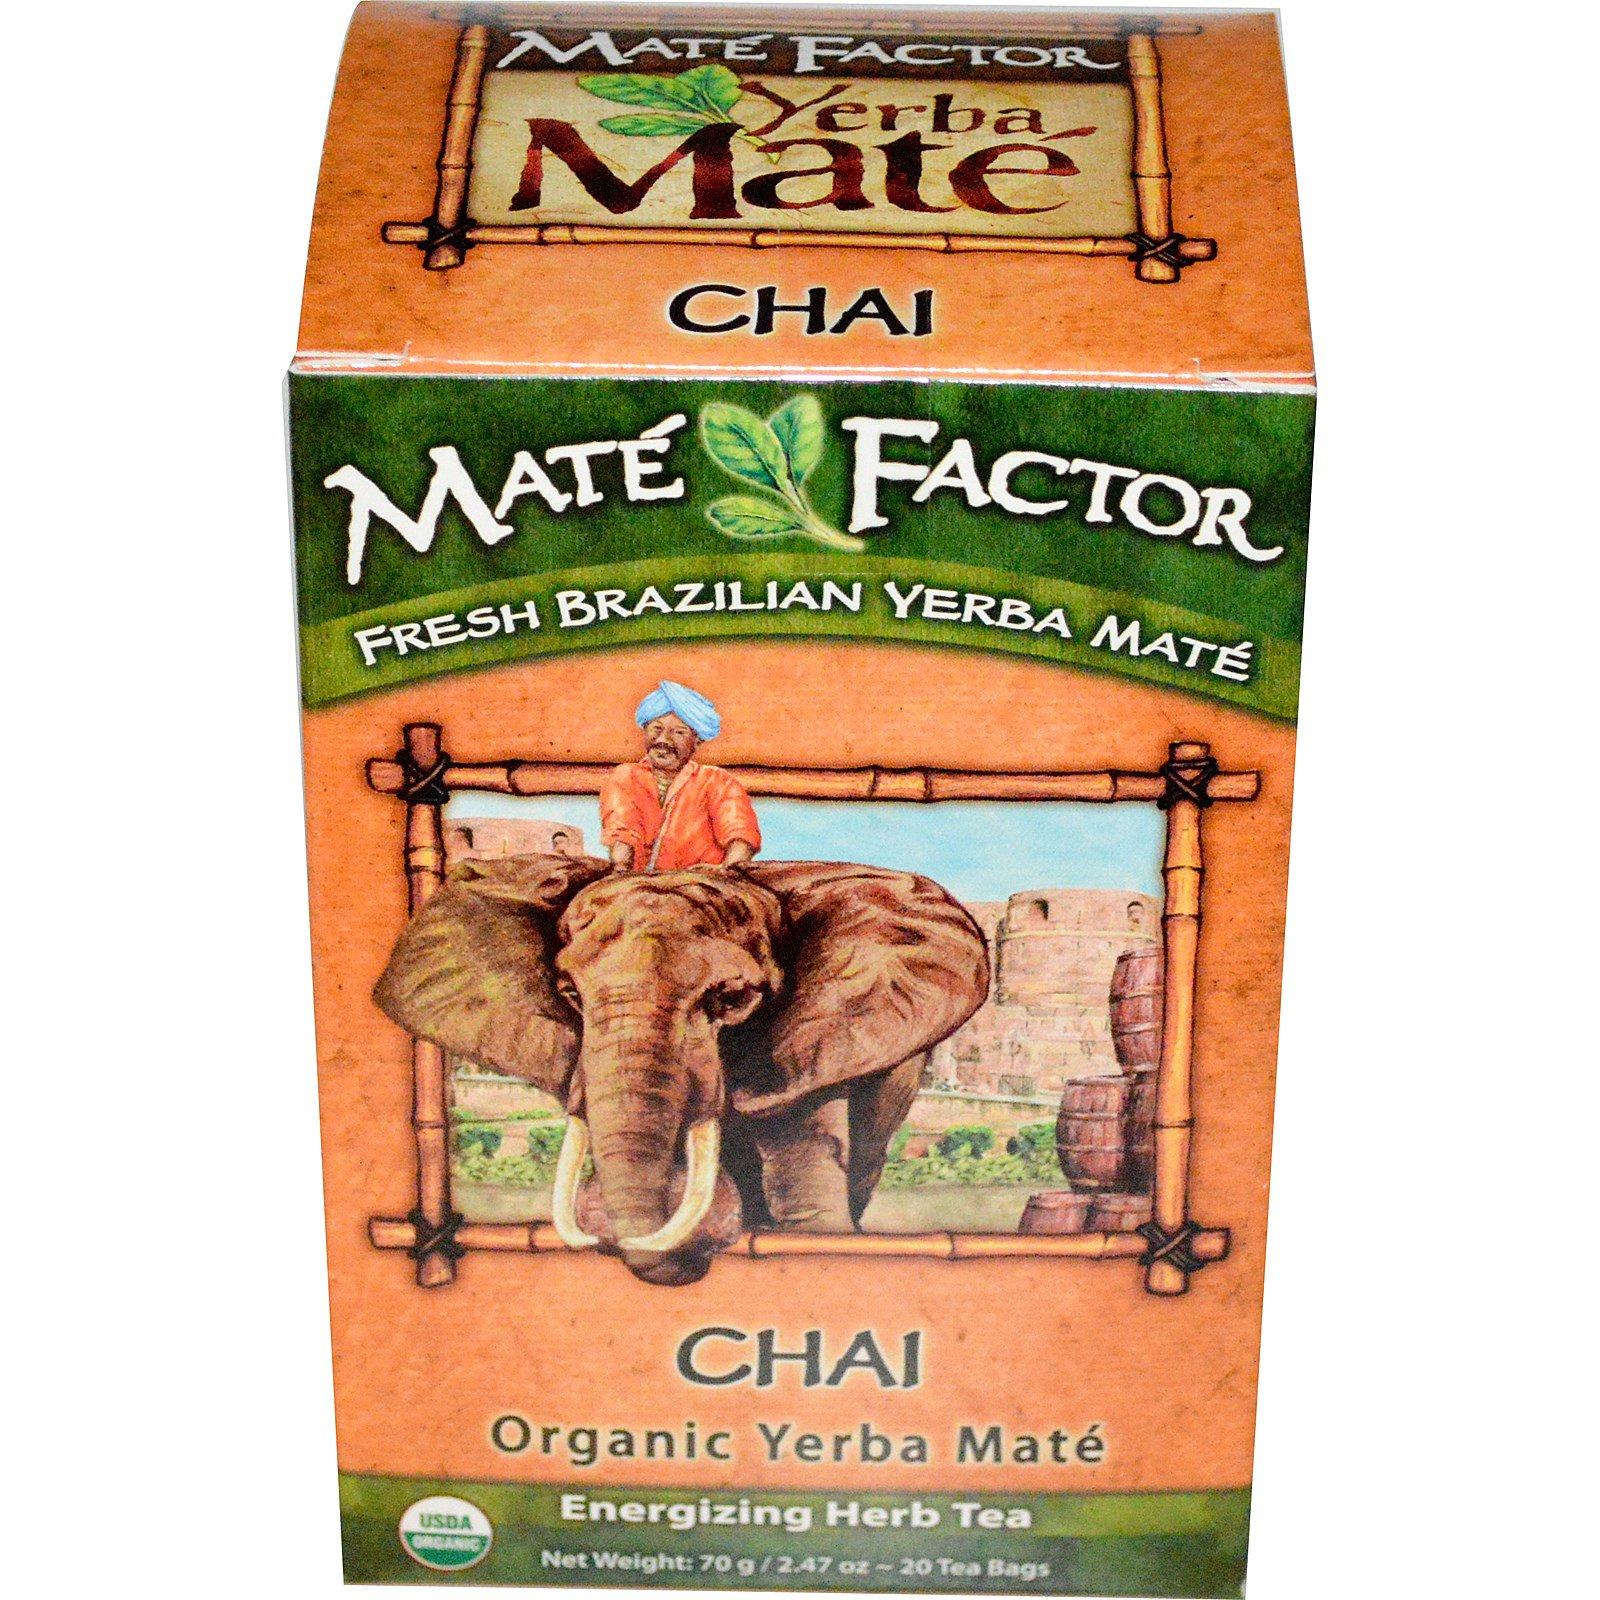 Mate Factor, Органический Yerba Mate, чай 20 чайных пакетиков, 2.47 унции (70 г)